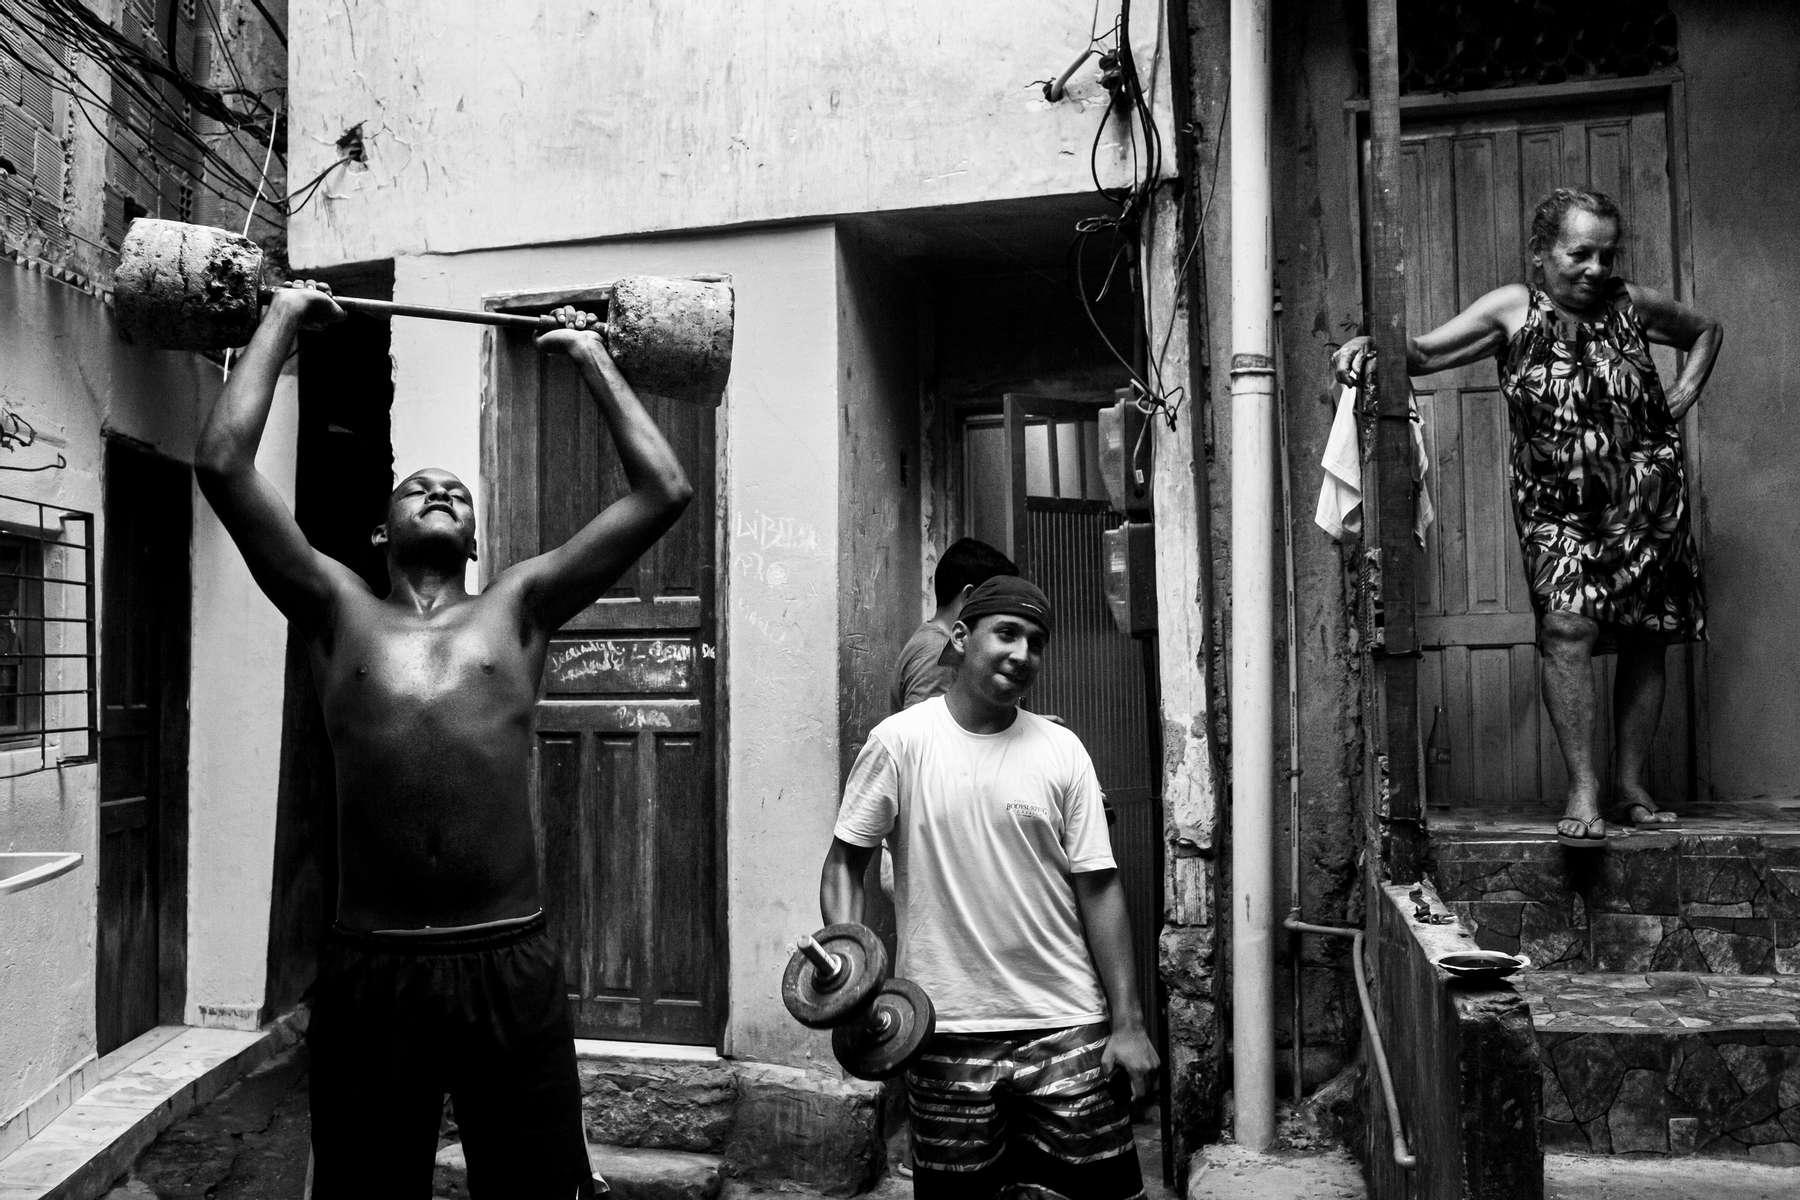 Un grupo de adolescentes entrena levantando pesas mientras una anciana los mira en el Barrio de Rocinha, la favela más grande de Río de Janeiro, Brasil, 18 de diciembre de 2012.